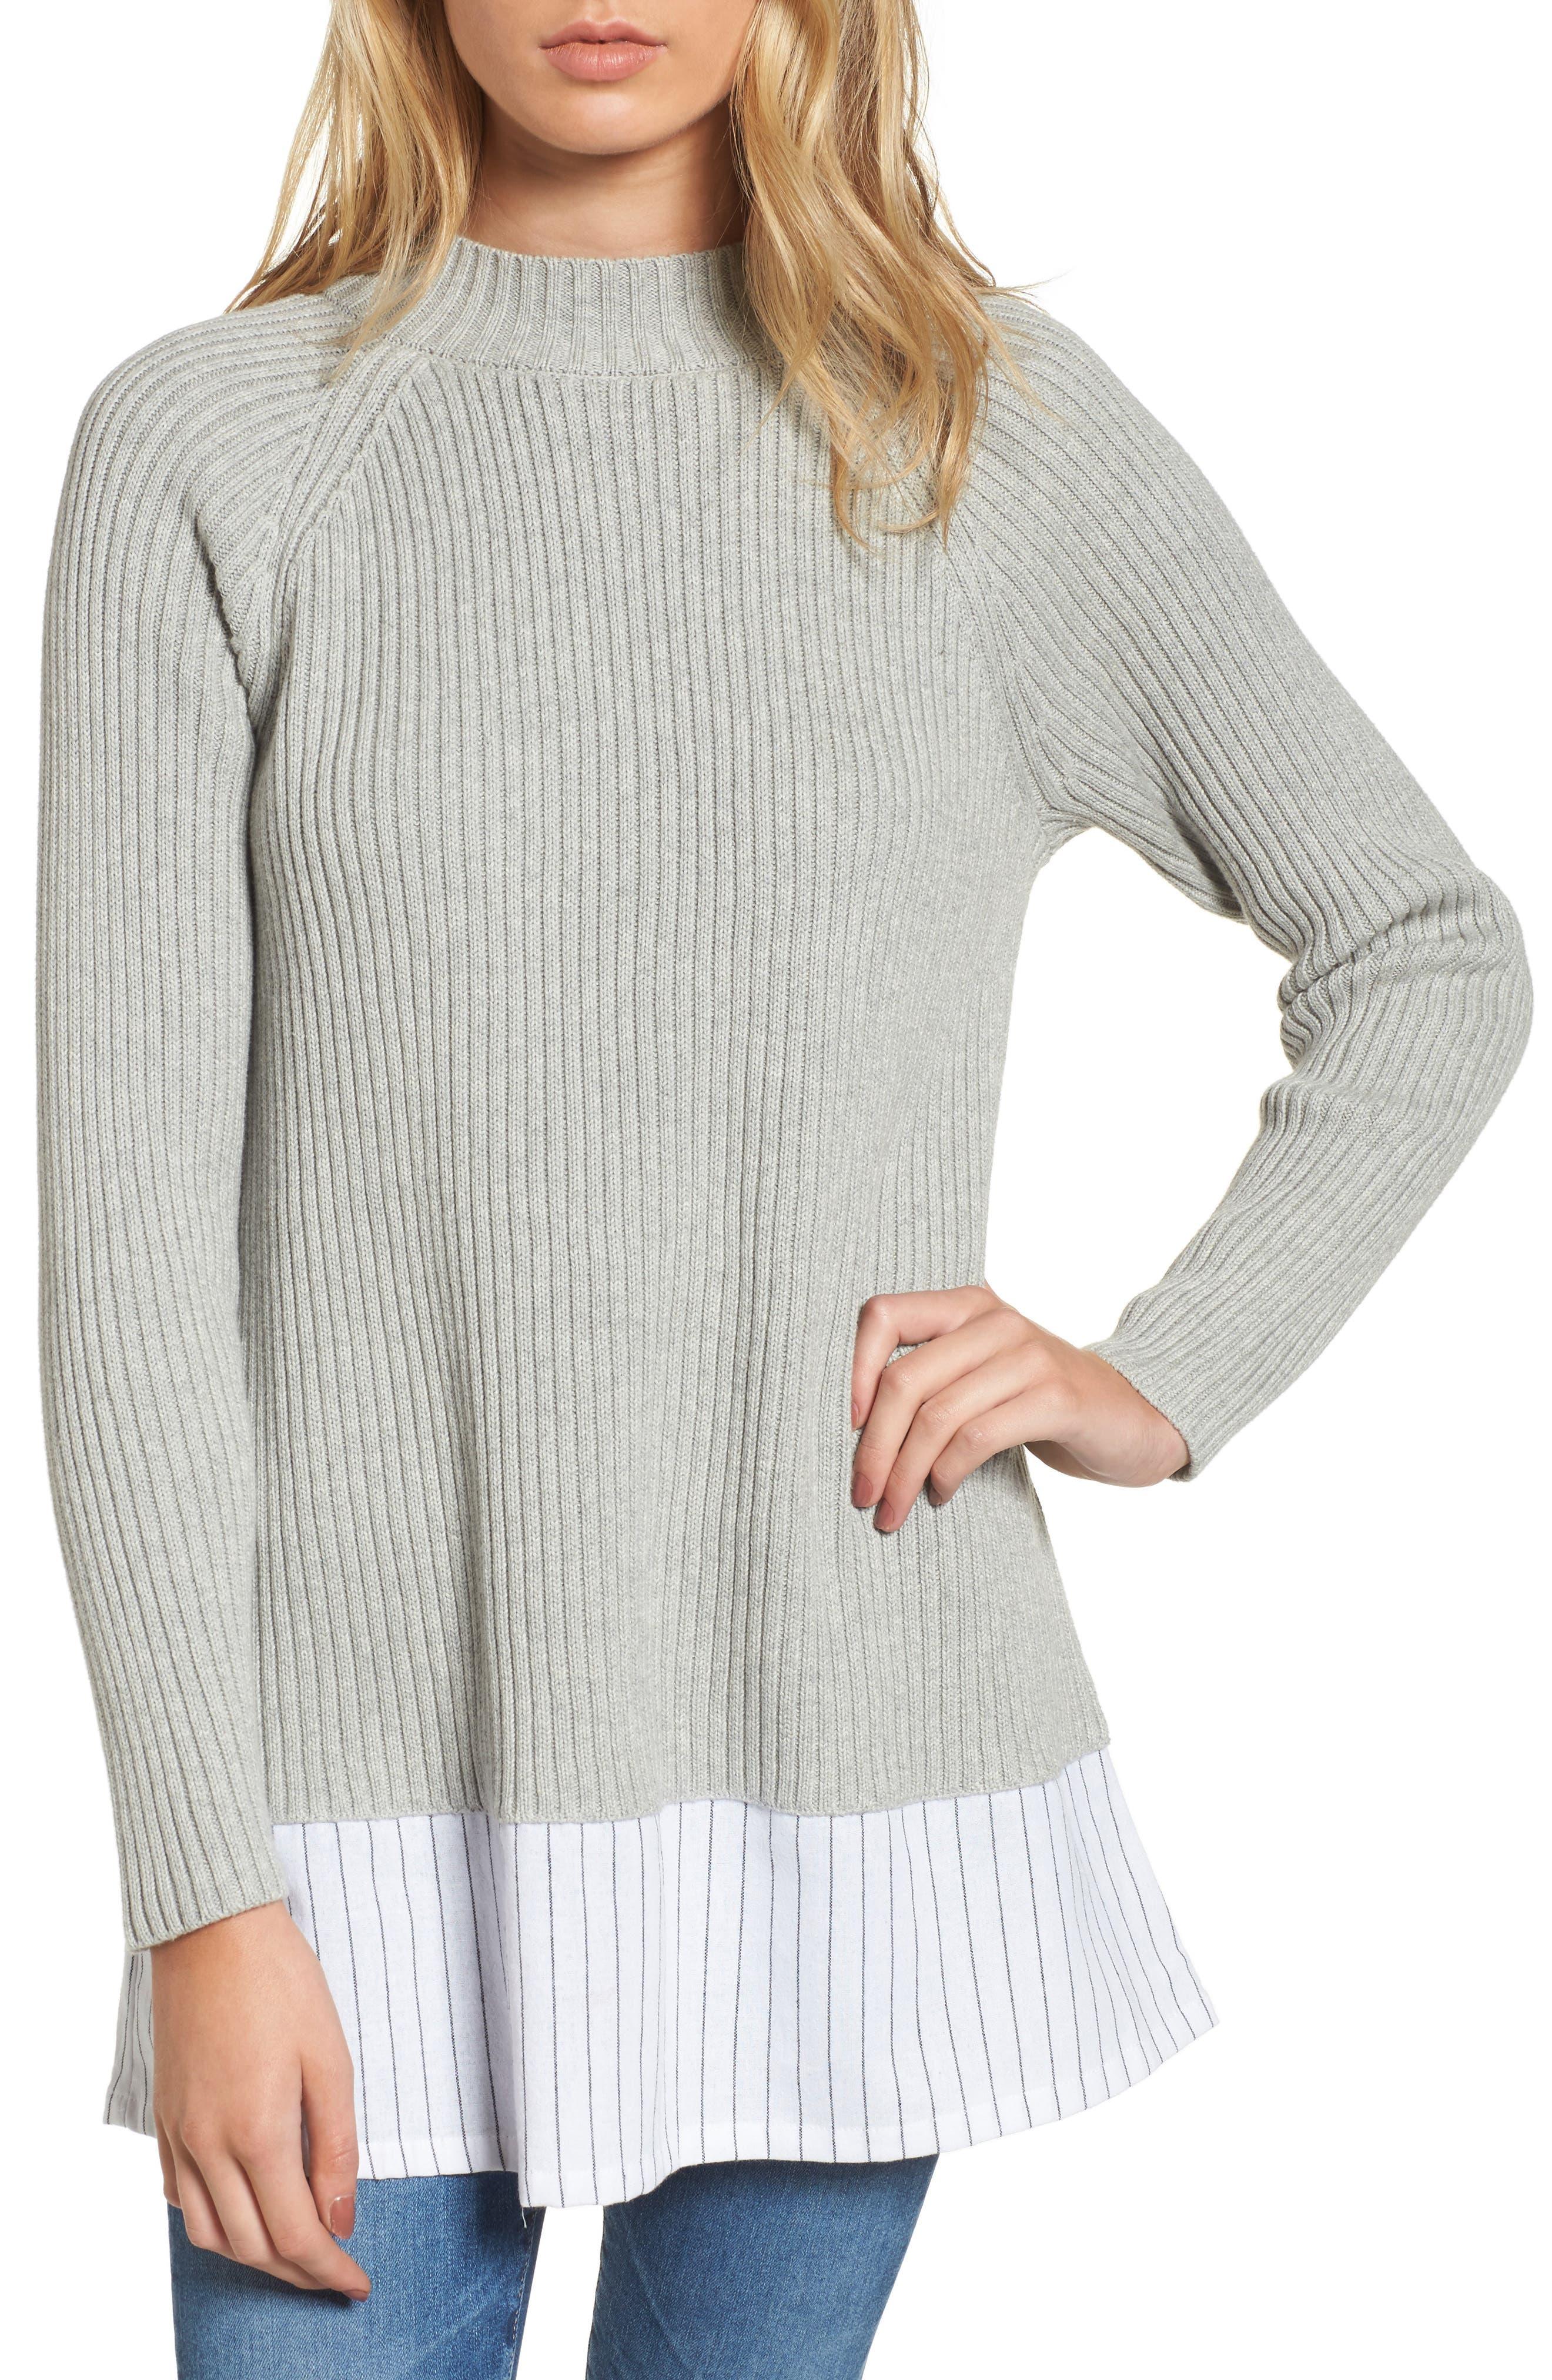 Ila Sweater,                             Main thumbnail 1, color,                             304